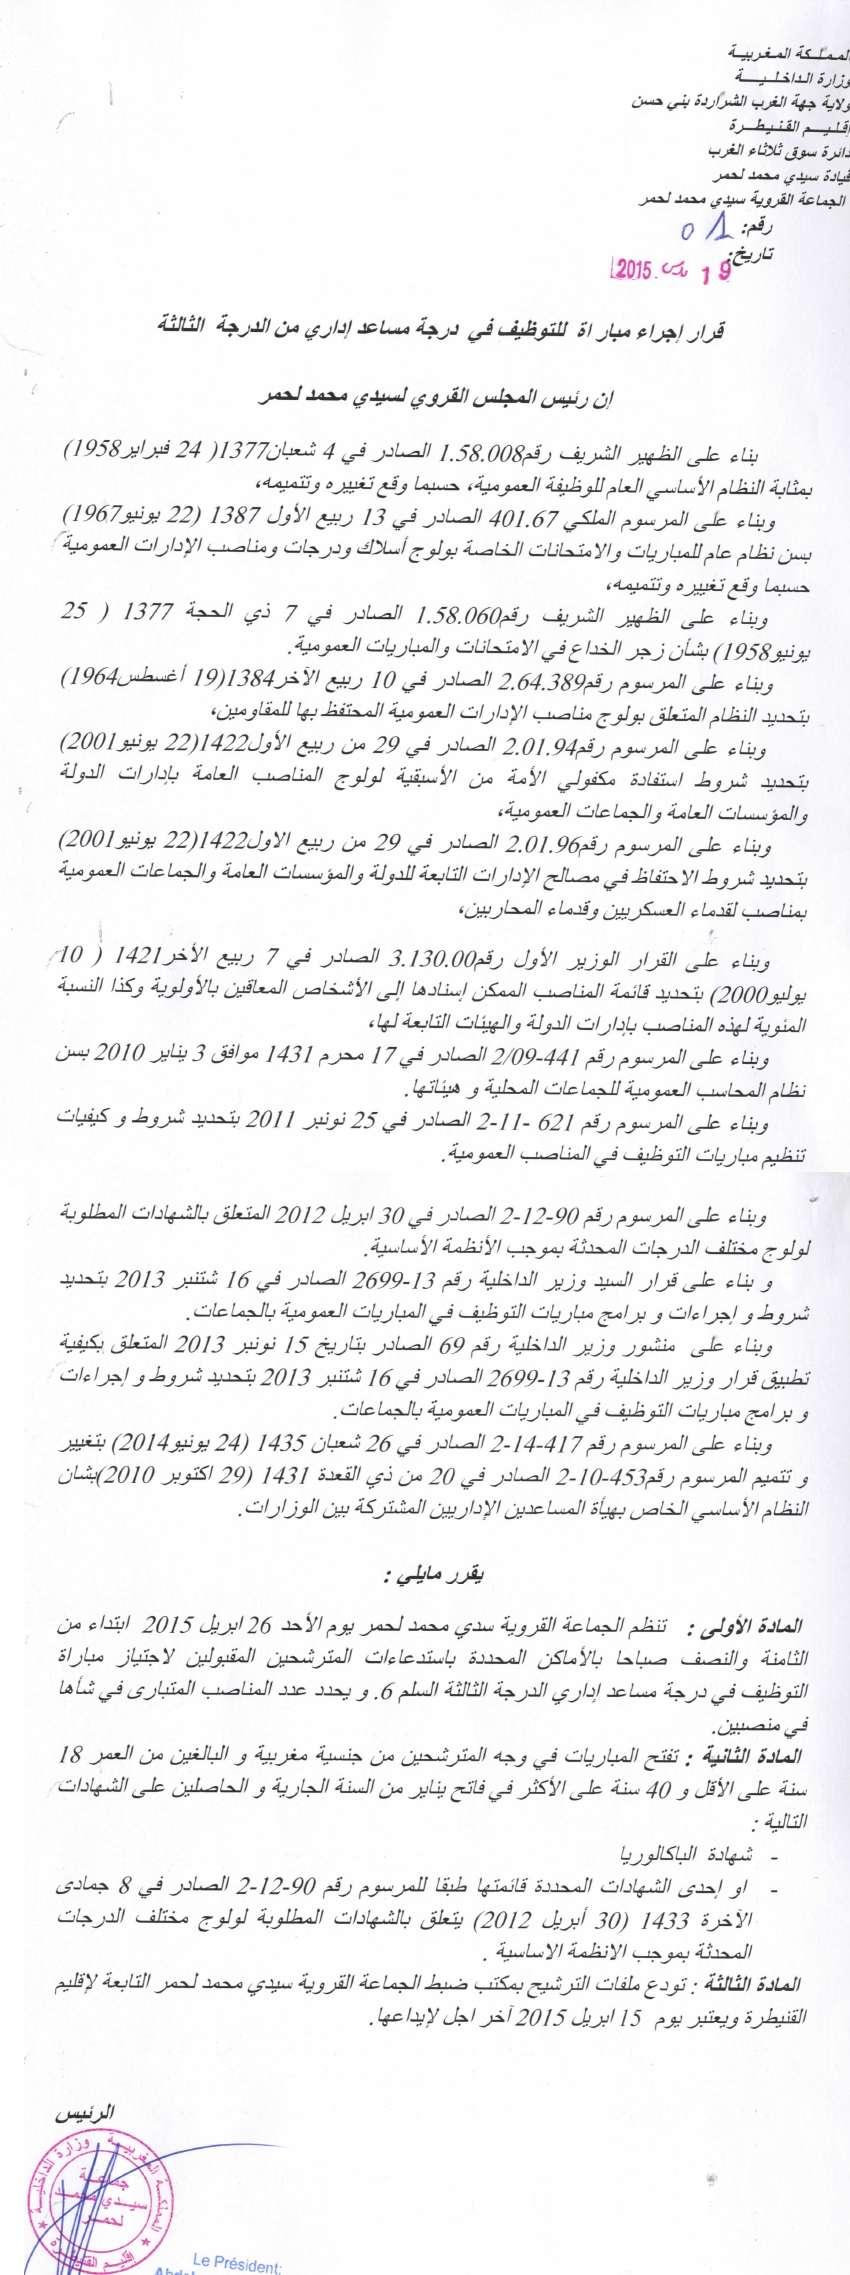 جماعة سيدي محمد لحمر (إقليم القنيطرة) : مباراة لتوظيف مساعد إداري من الدرجة الثالثة ~ سلم 6 (2 منصبان) آخر أجل لإيداع الترشيحات 15 ابريل 2015 Concou28